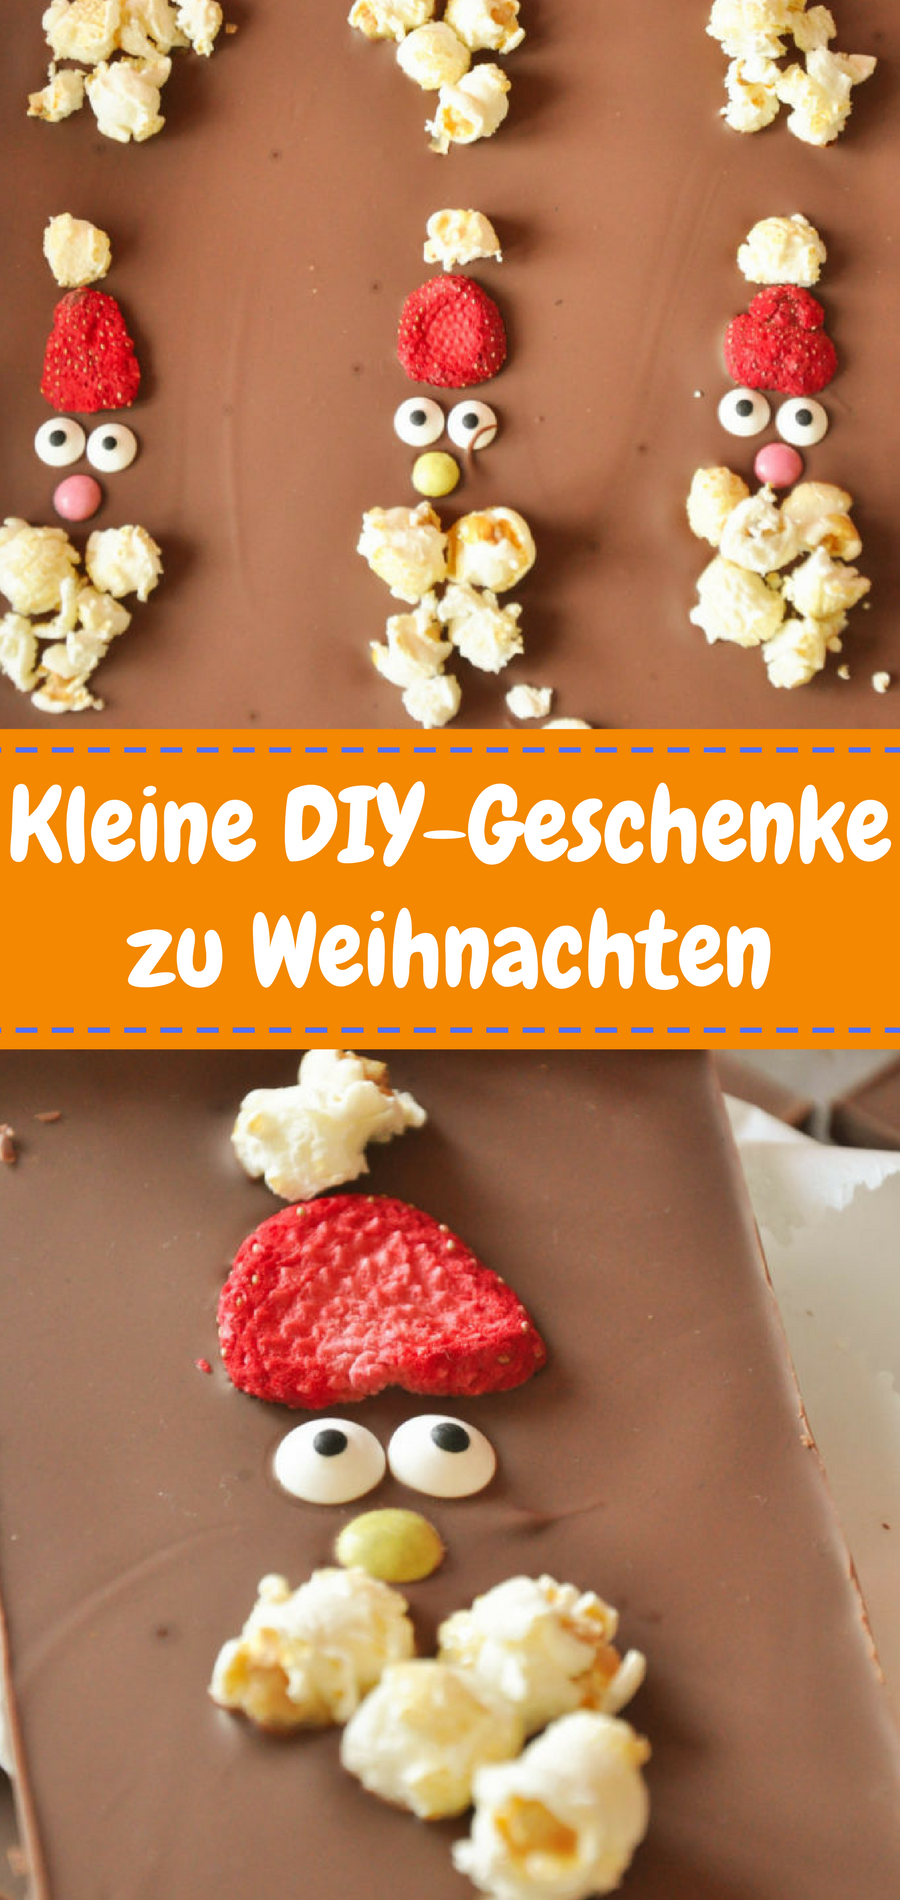 Bruchschokolade - Weihnachtsmann | Geschenke aus der Küche ...